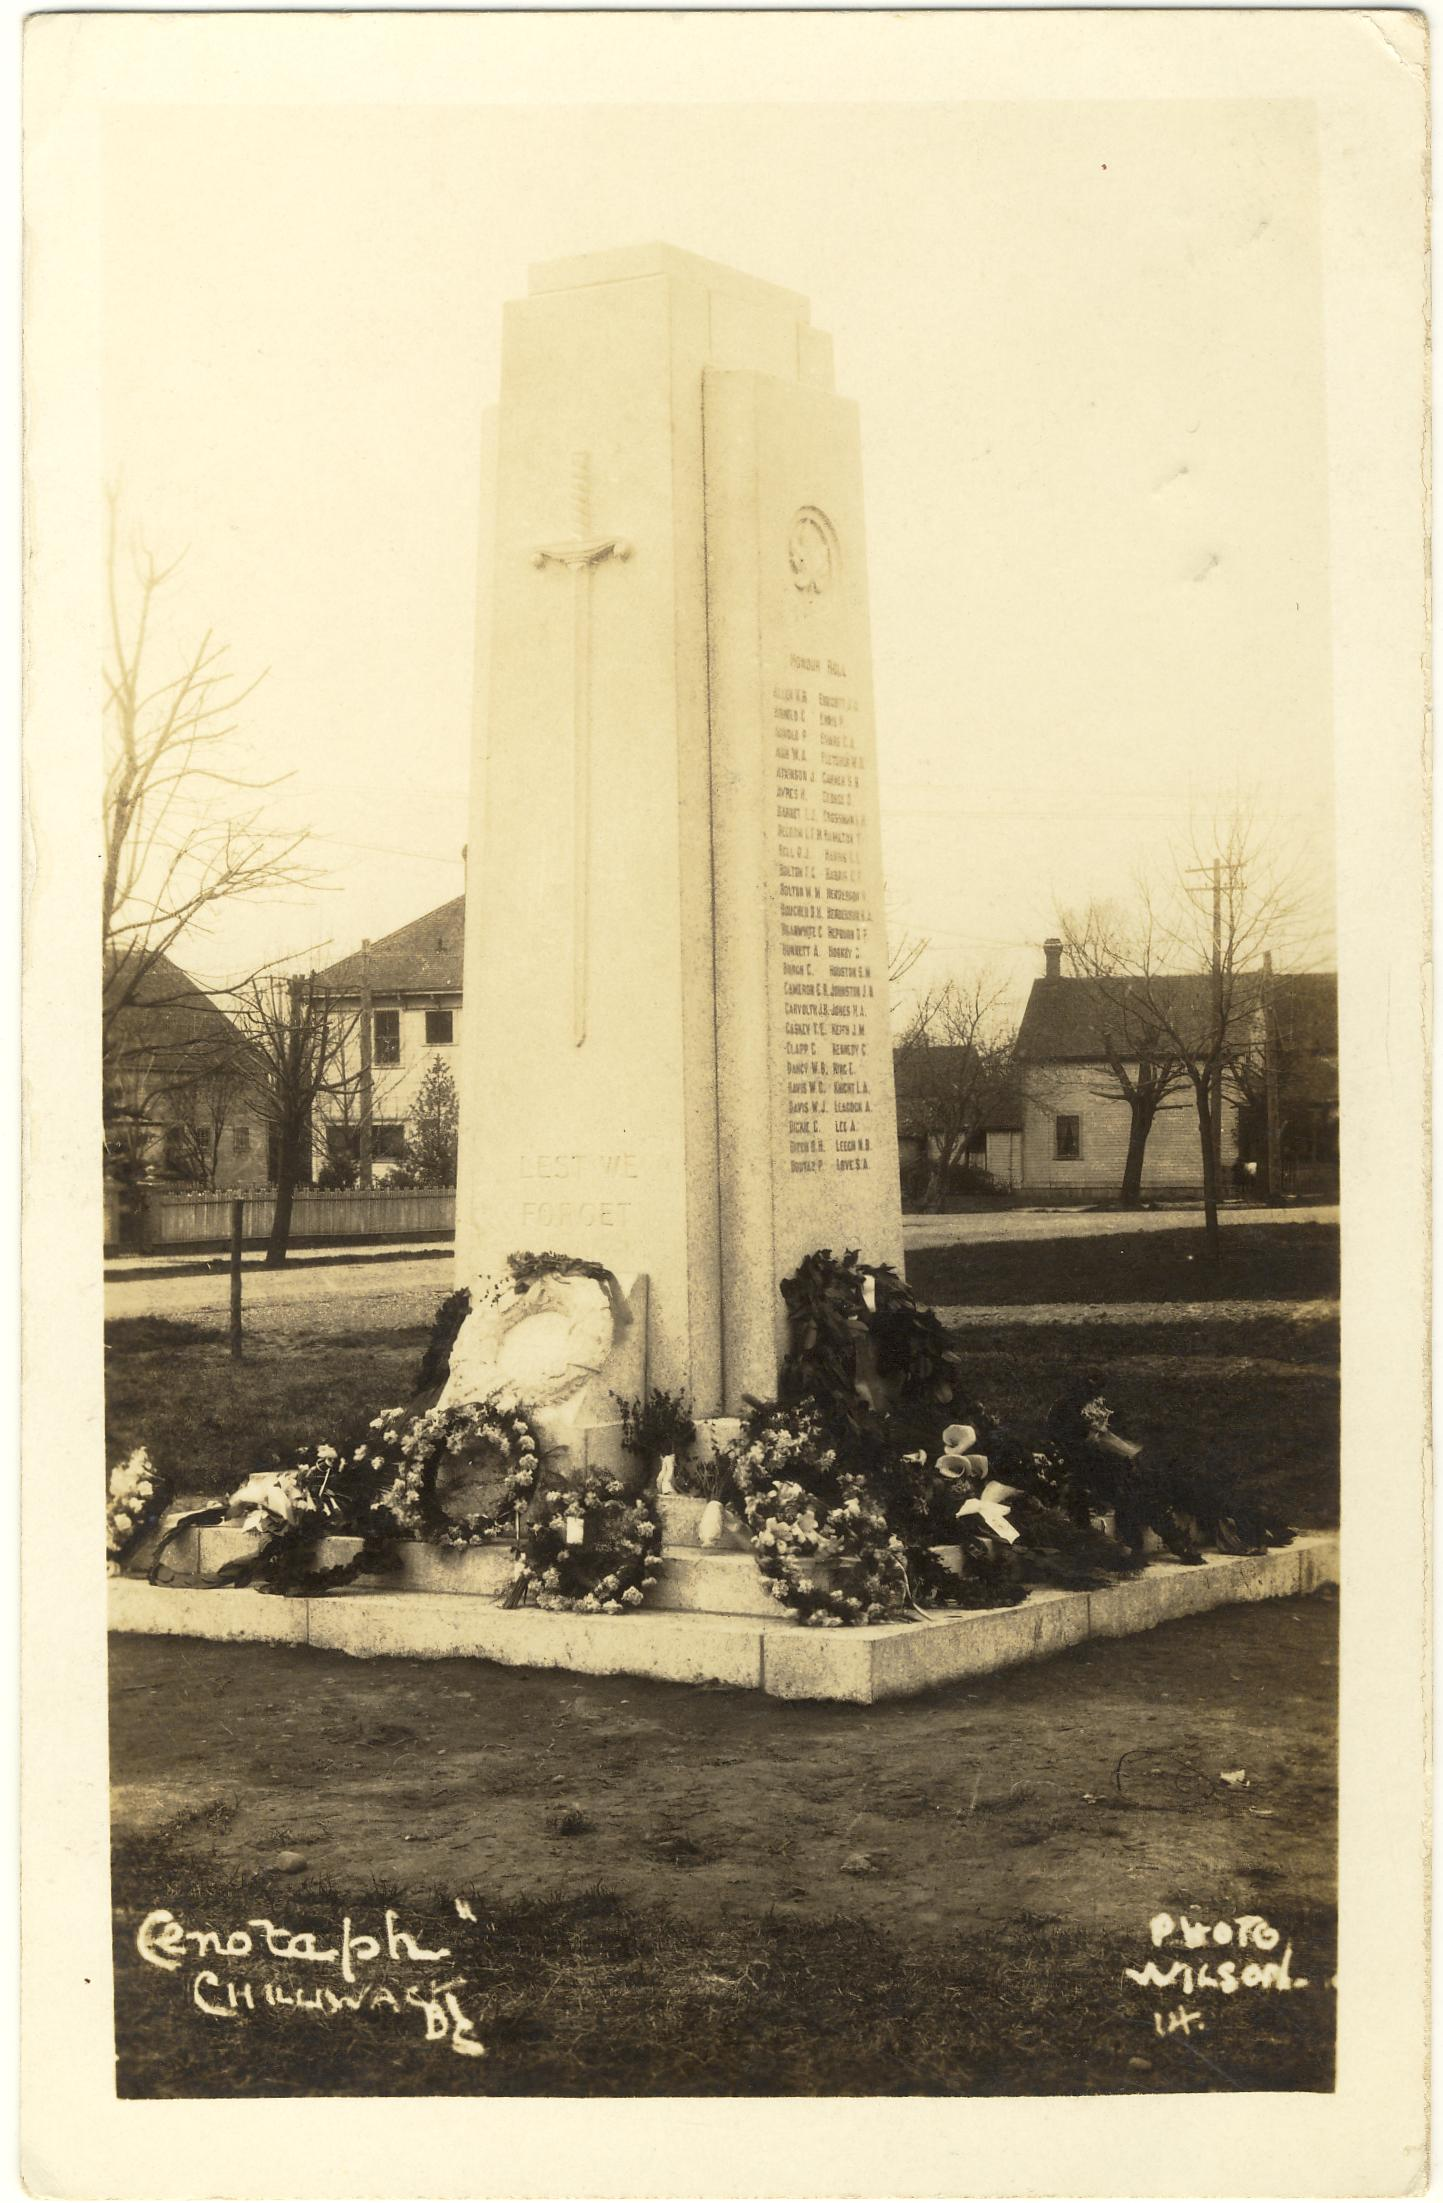 Chilliwack, British Columbia, Canada Cenotaph.